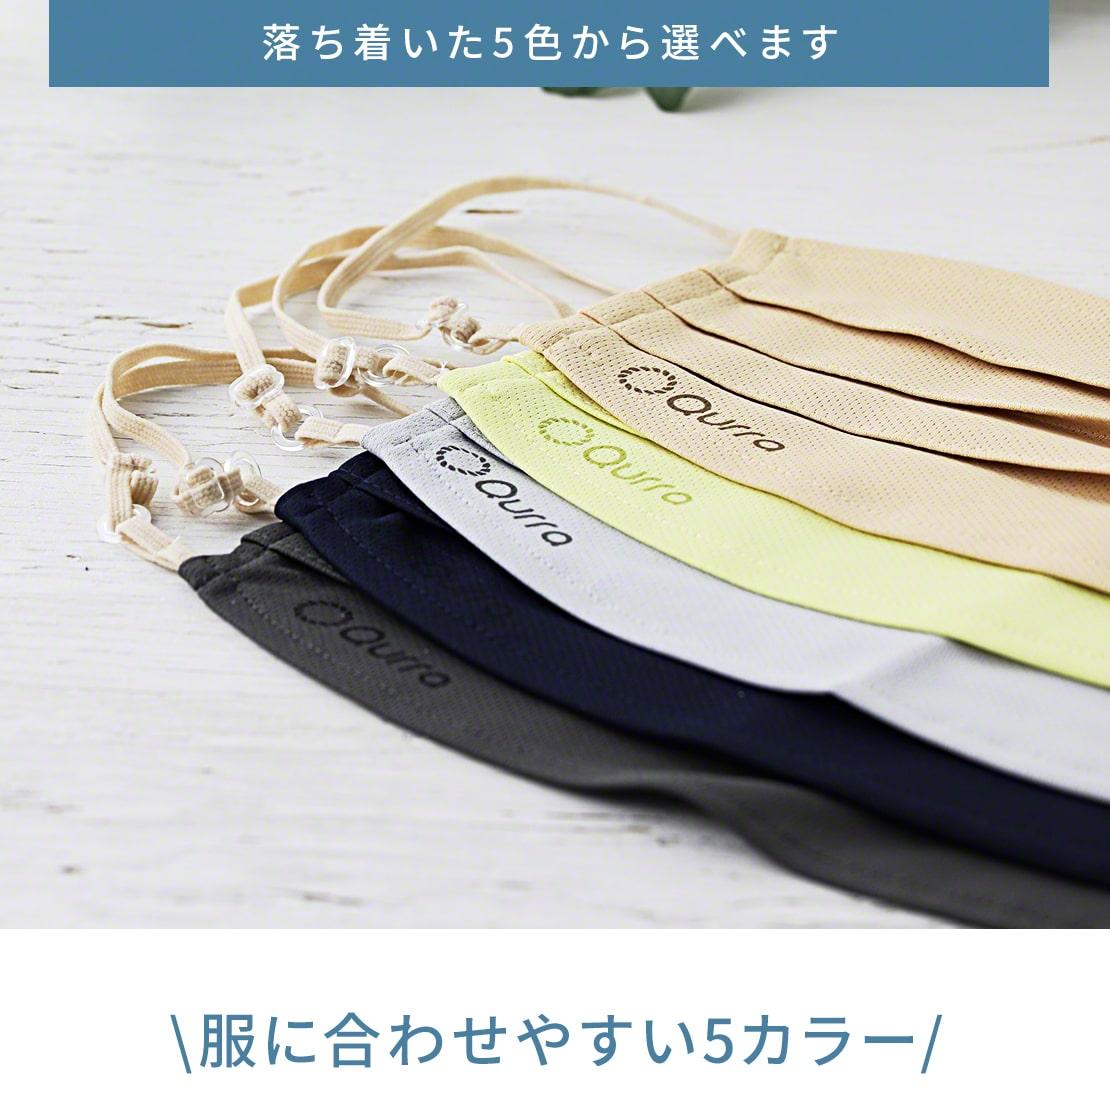 穴あきで息がしやすいuvカットマスク日本製uvカットマスクワイドめがねくもらない紫外線98%カット超快適立体洗える布マスク大人uvマスク日焼け眼鏡メンズ男性レディース女性QurraBeautyヒカット送料無料夏マスク